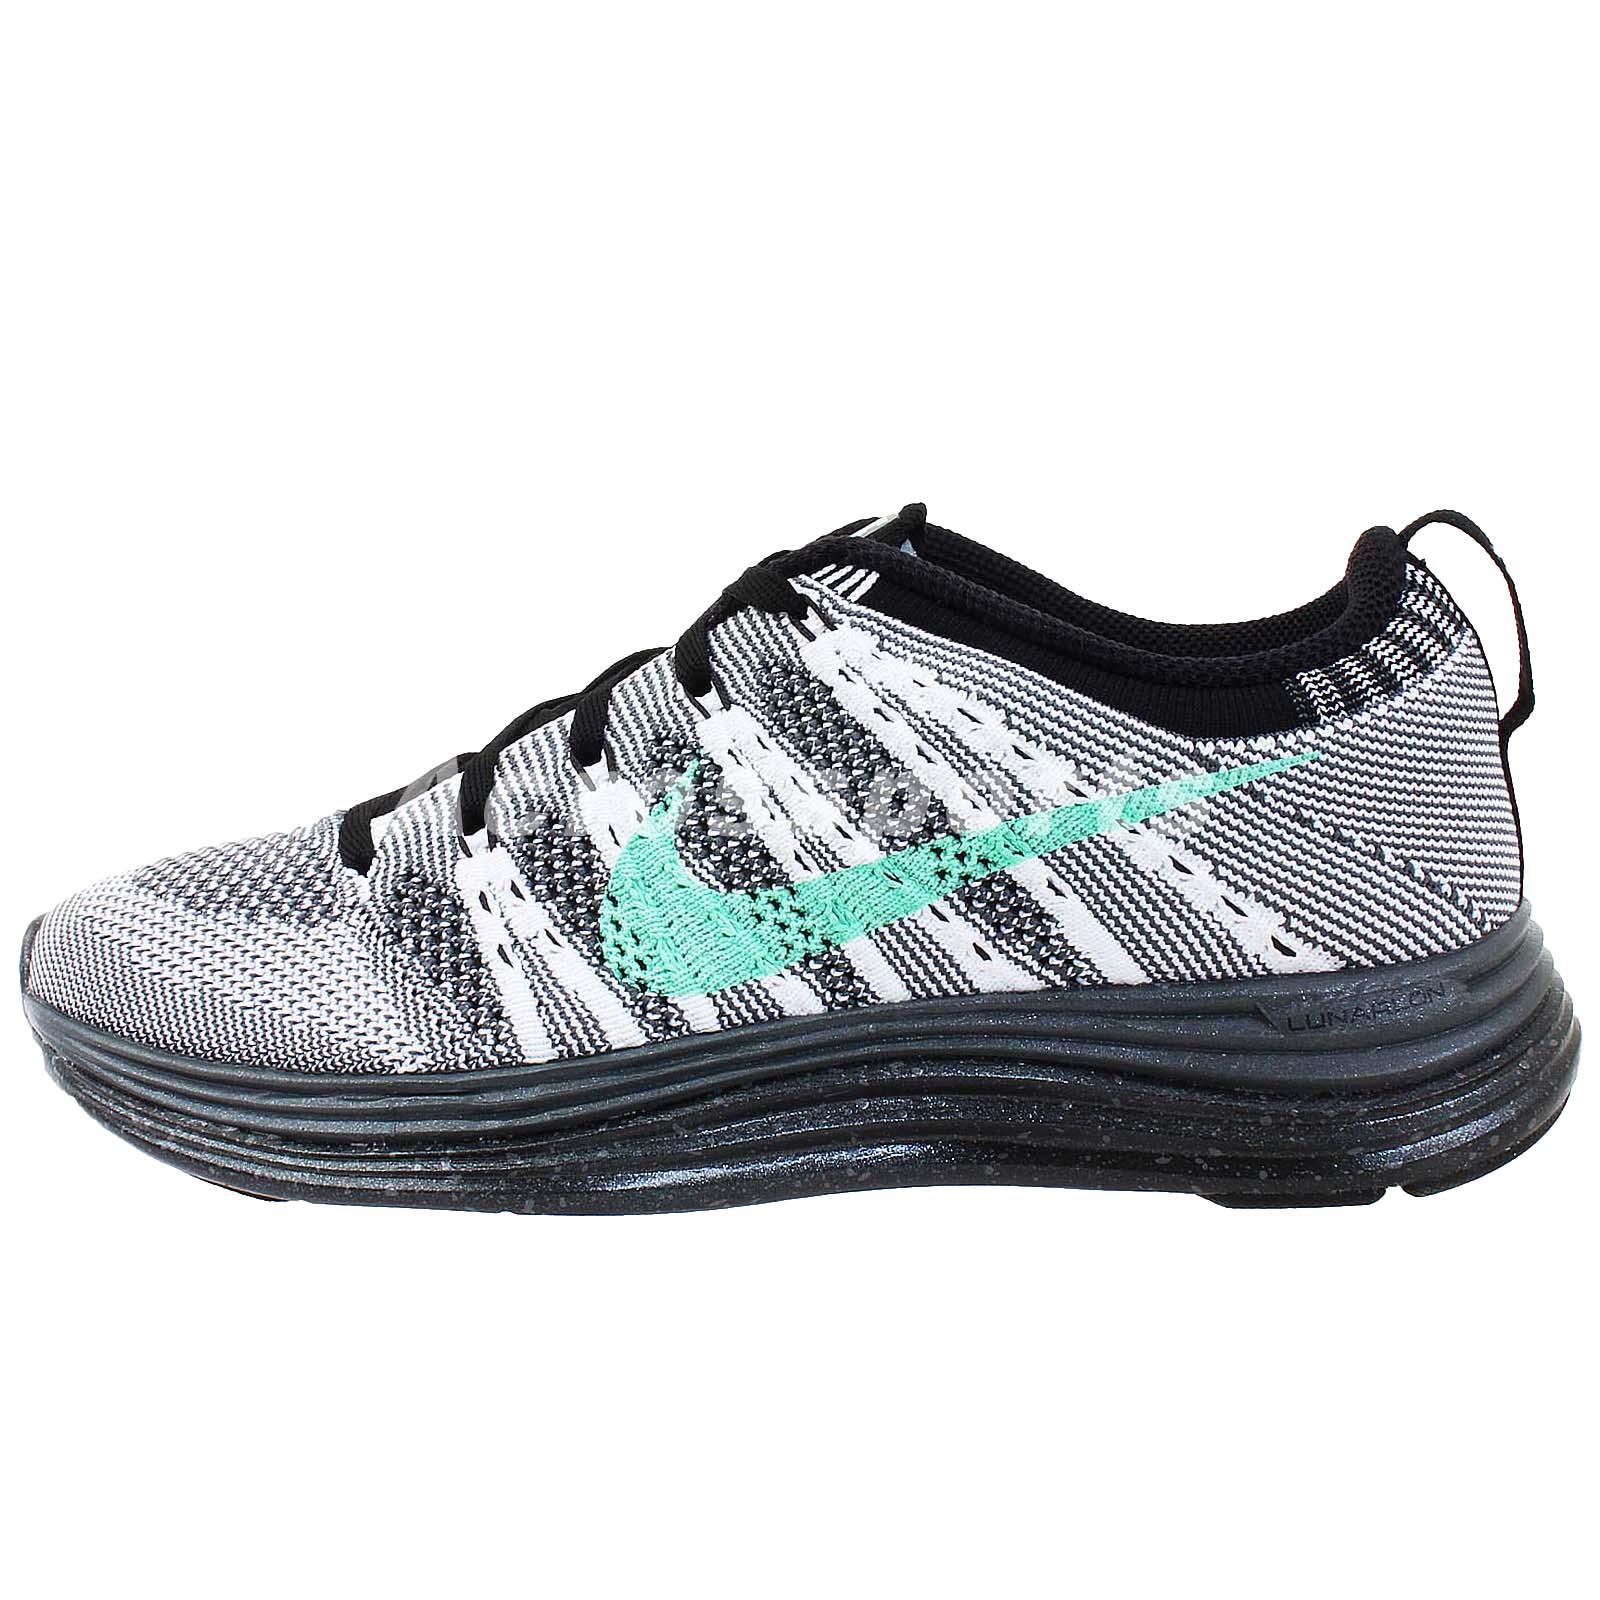 Nike Wmns Flyknit Lunar1 One Womens Running Shoes Lunarlon ...